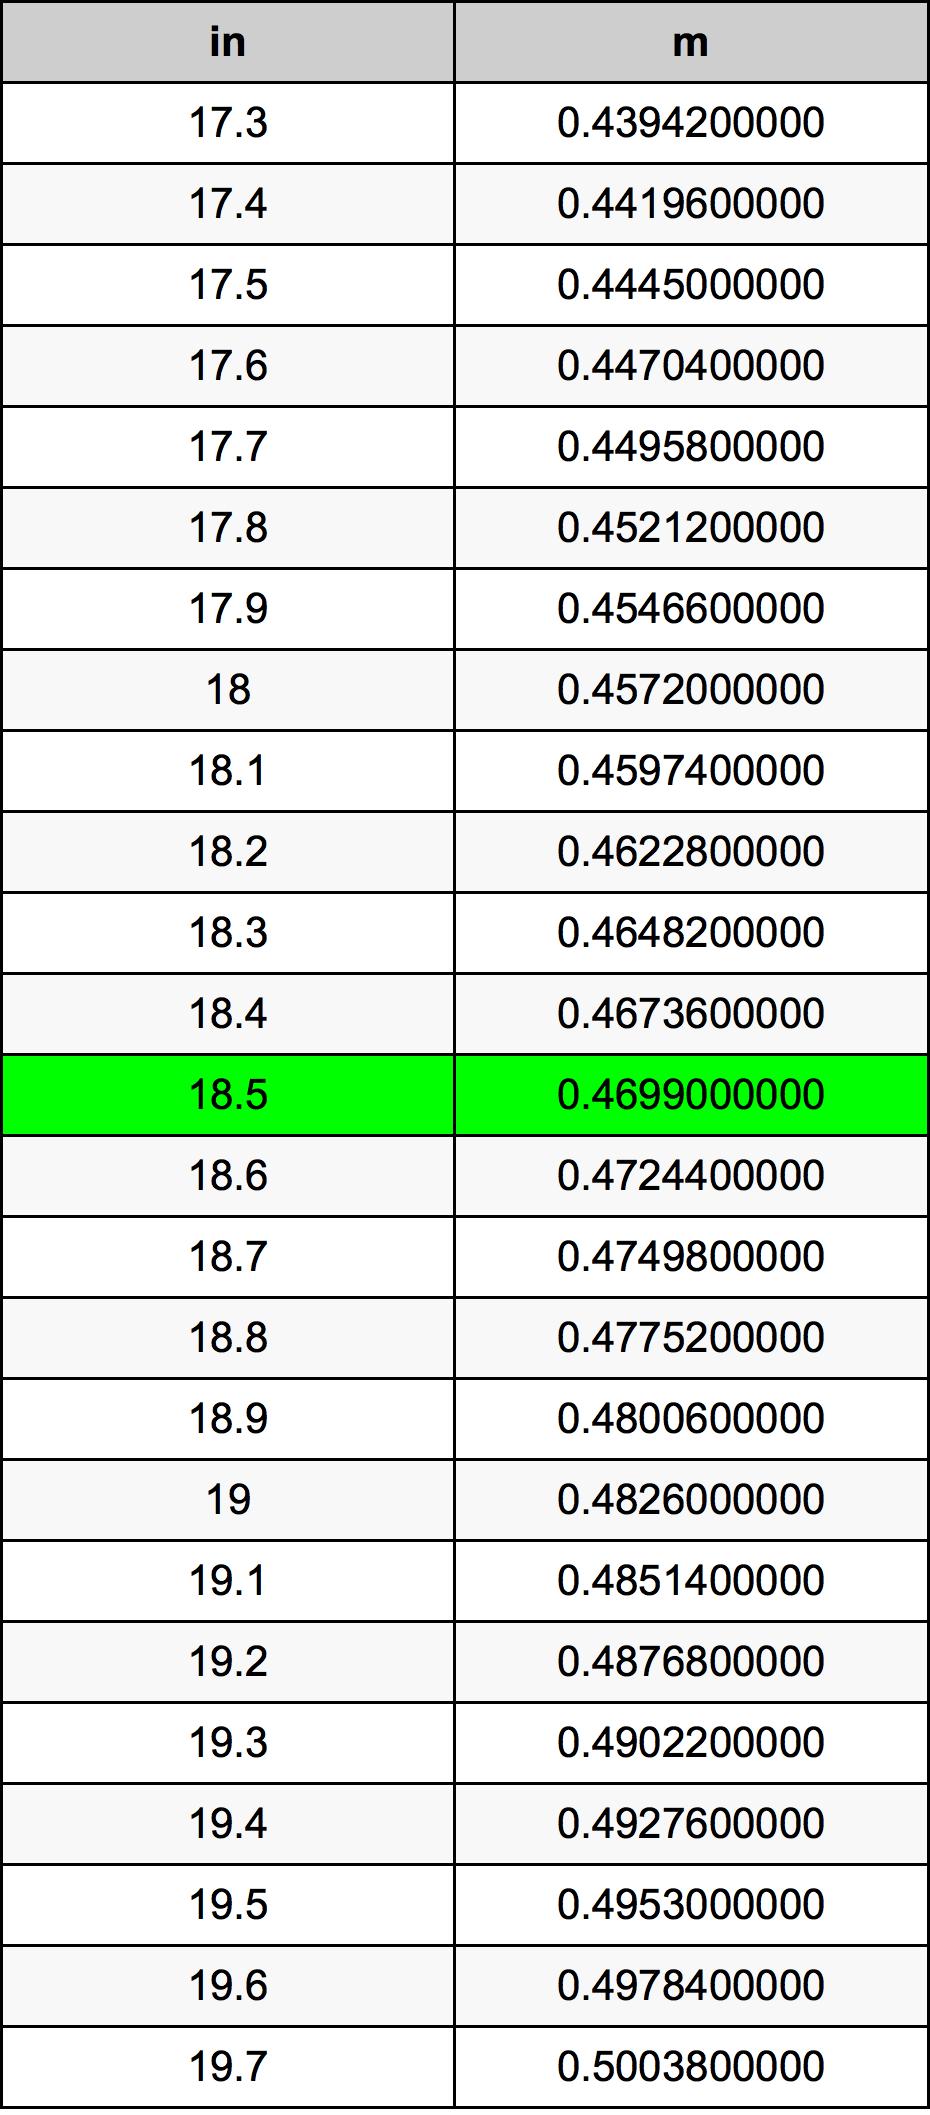 18.5 Țol tabelul de conversie